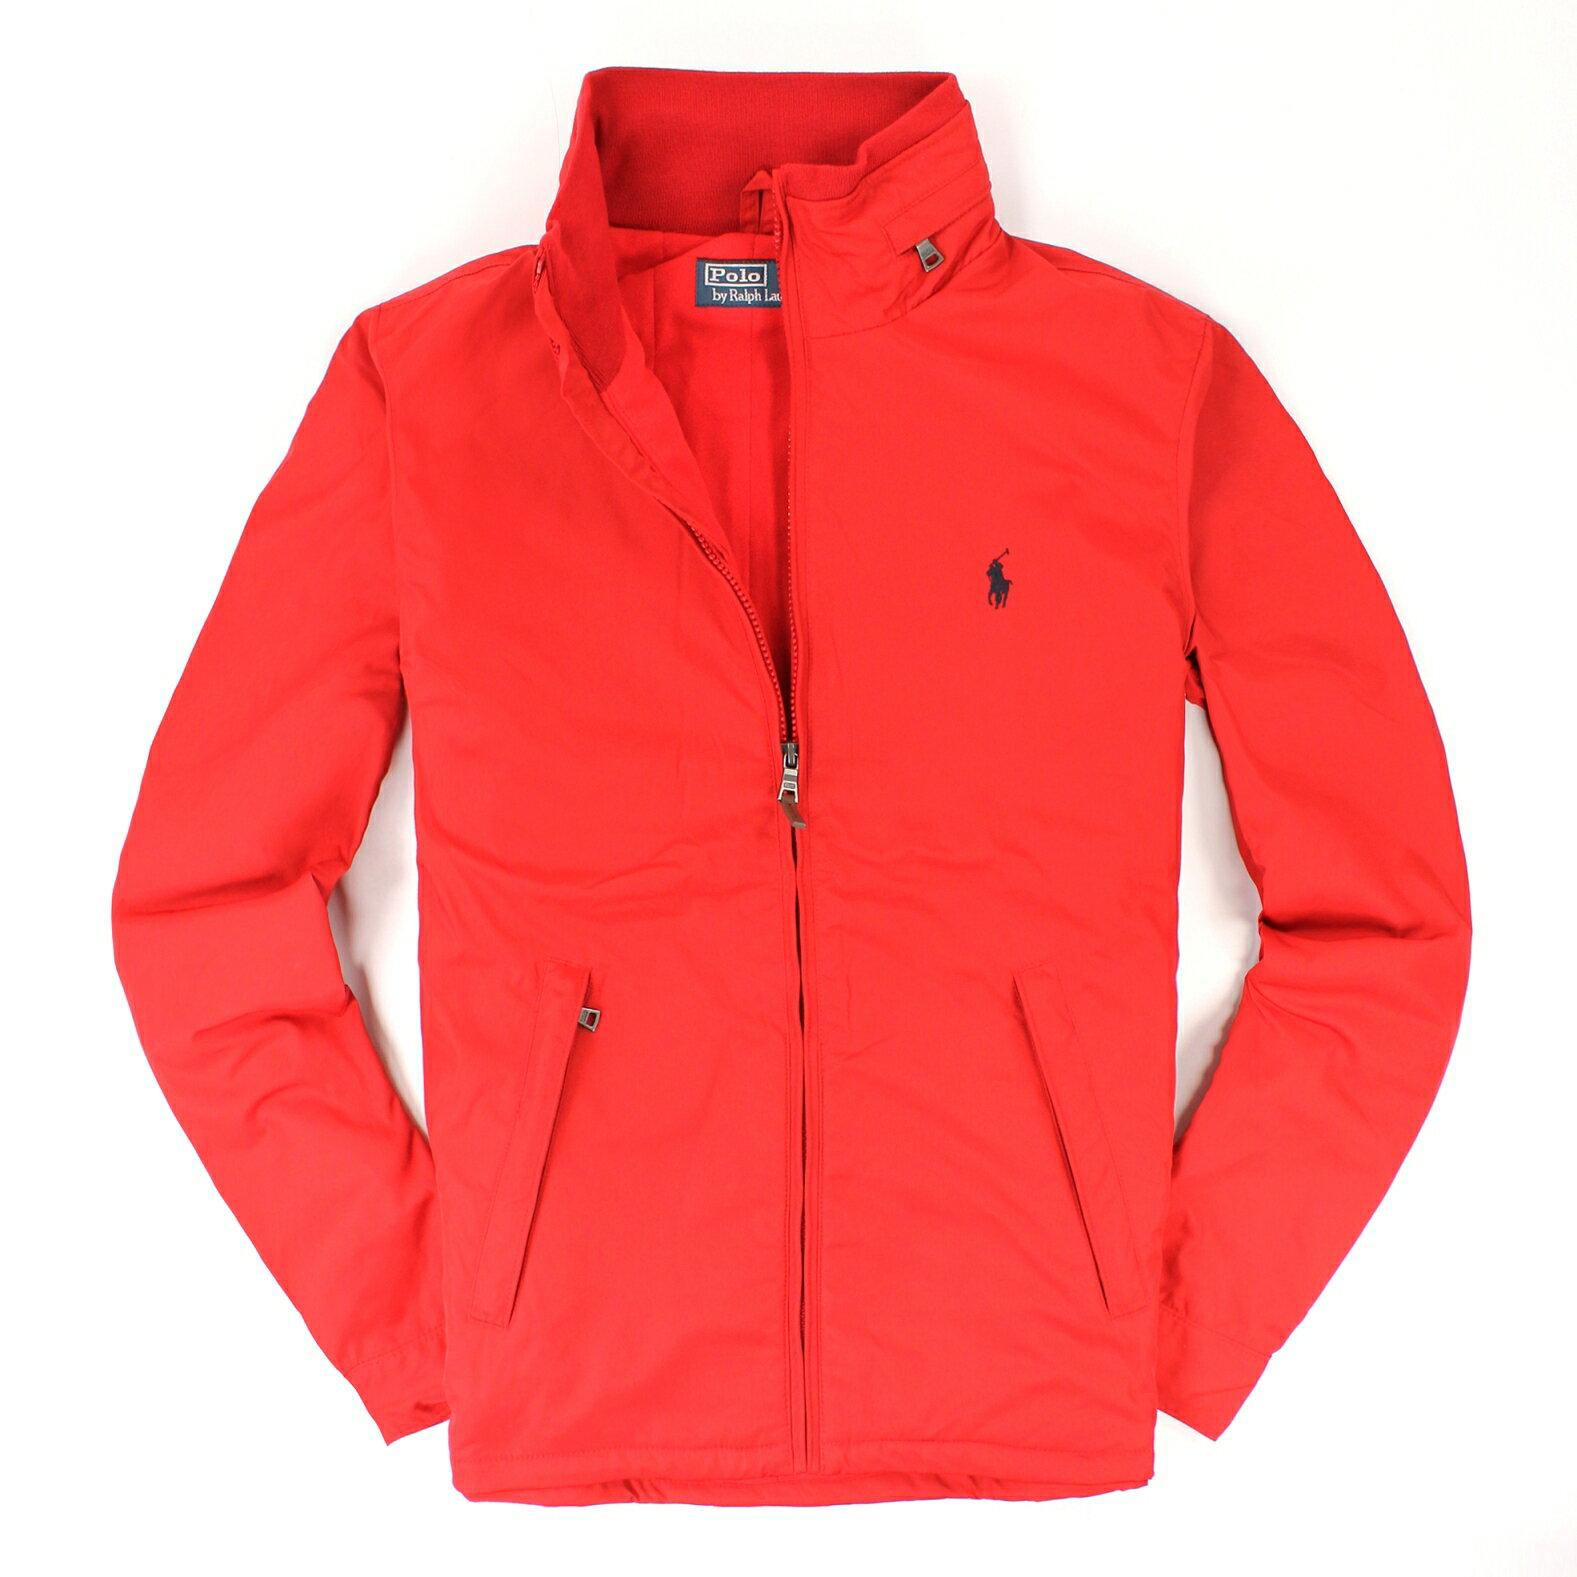 美國百分百【全新真品】Ralph Lauren 外套 RL 連帽 夾克 上衣 Polo 小馬 紅 皮革 鋪棉 防風 男 M號